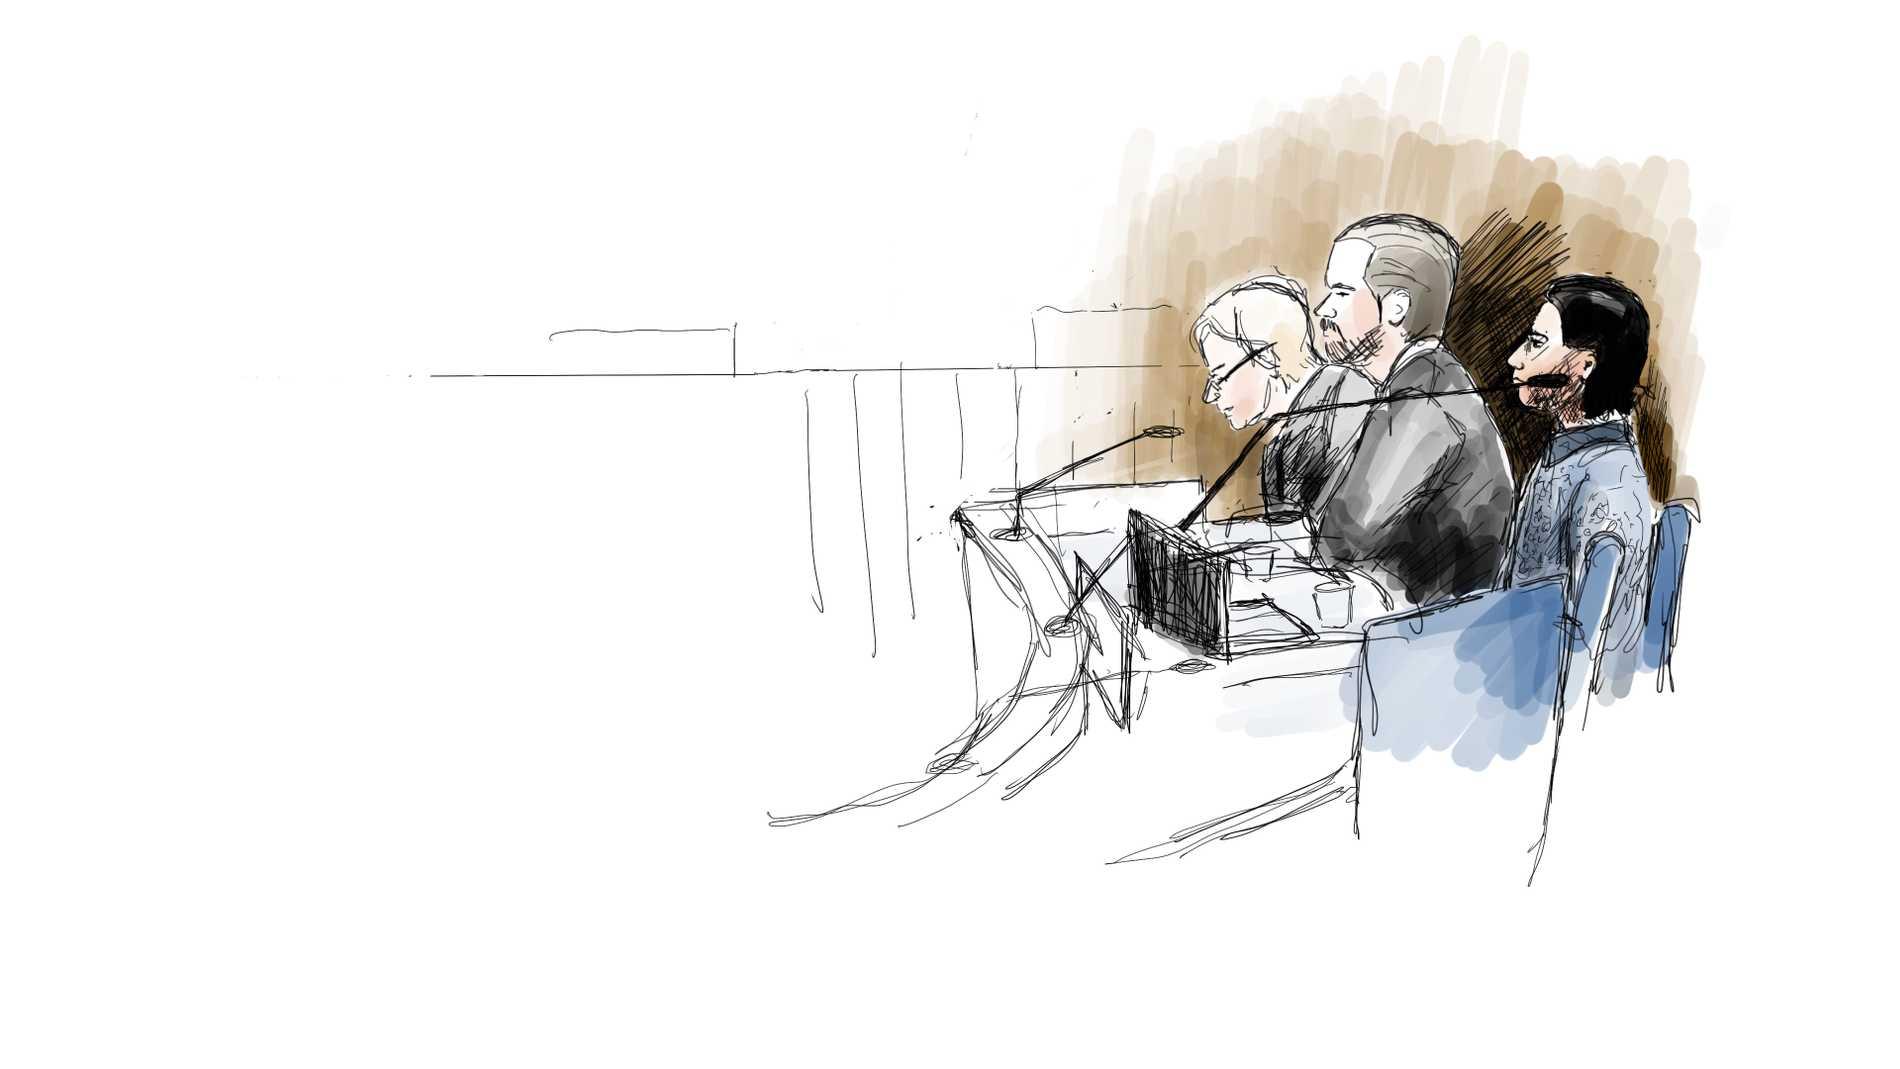 Den mordåtalade mannen, längst till höger, och hans advokater i rättssalen. Teckning från rättegången i Uddevalla tingsrätt.